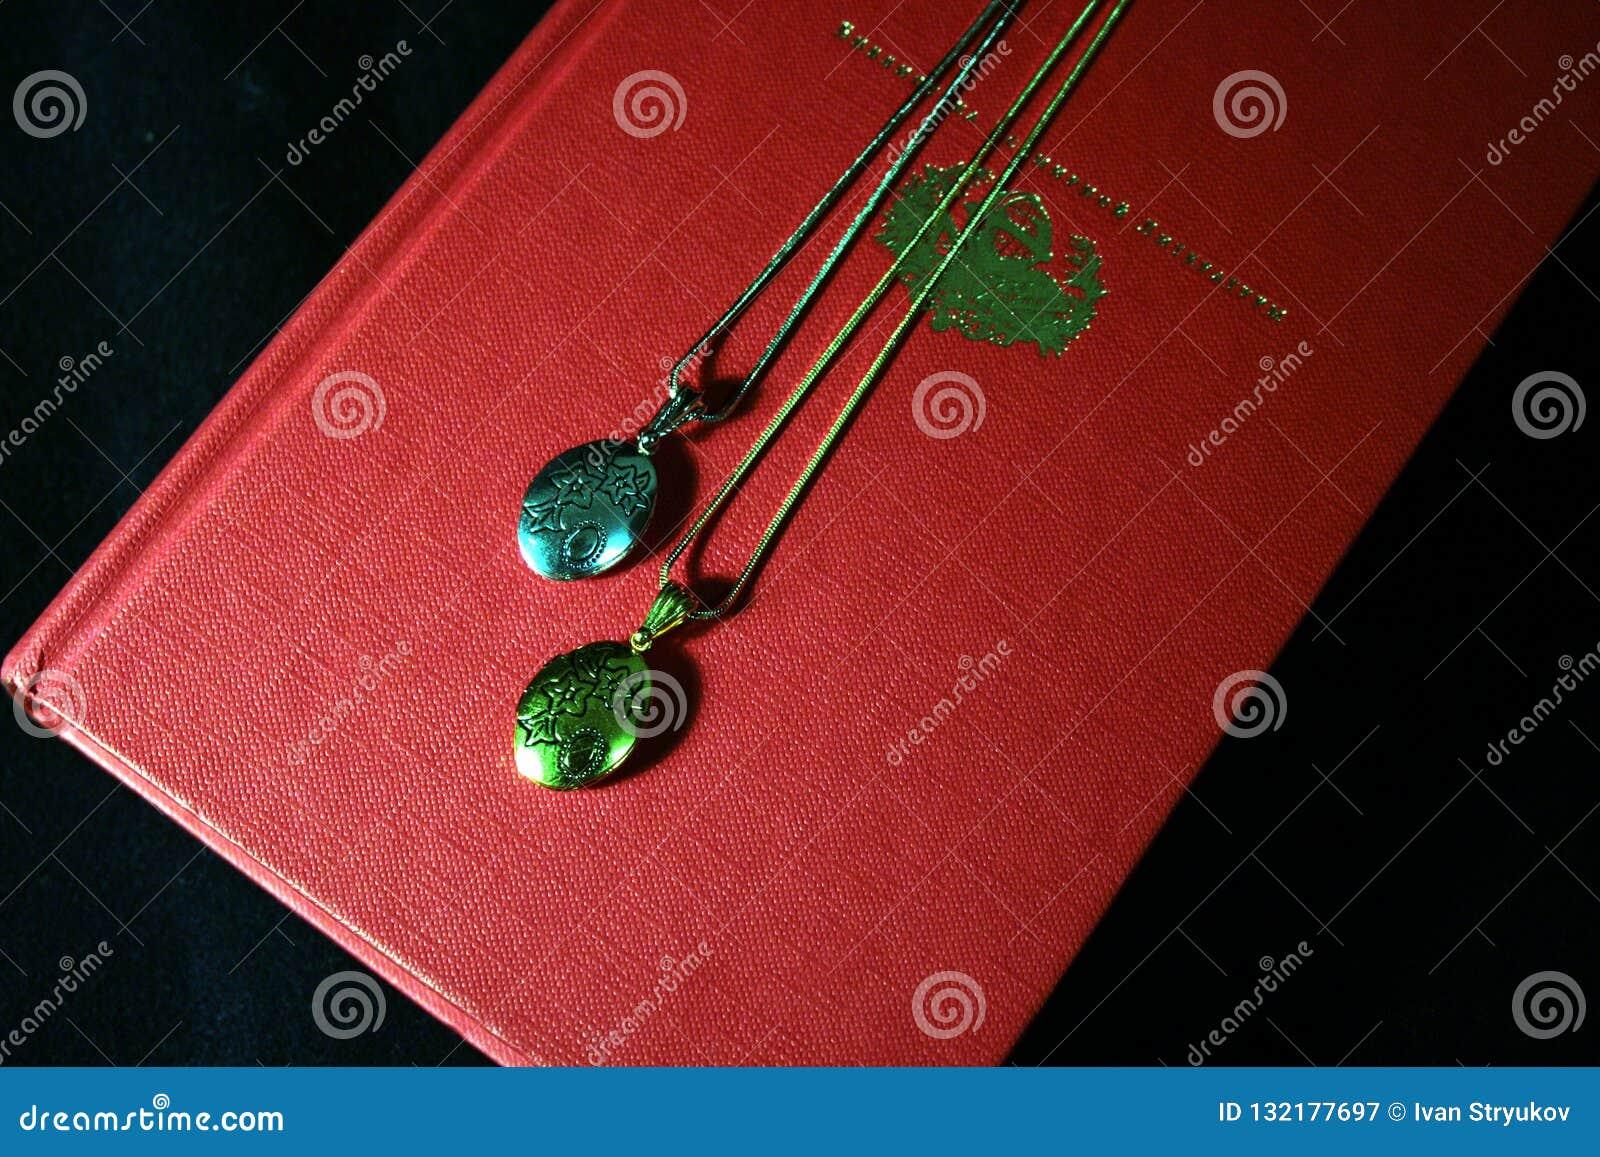 Deux pendants pour un couple affectueux